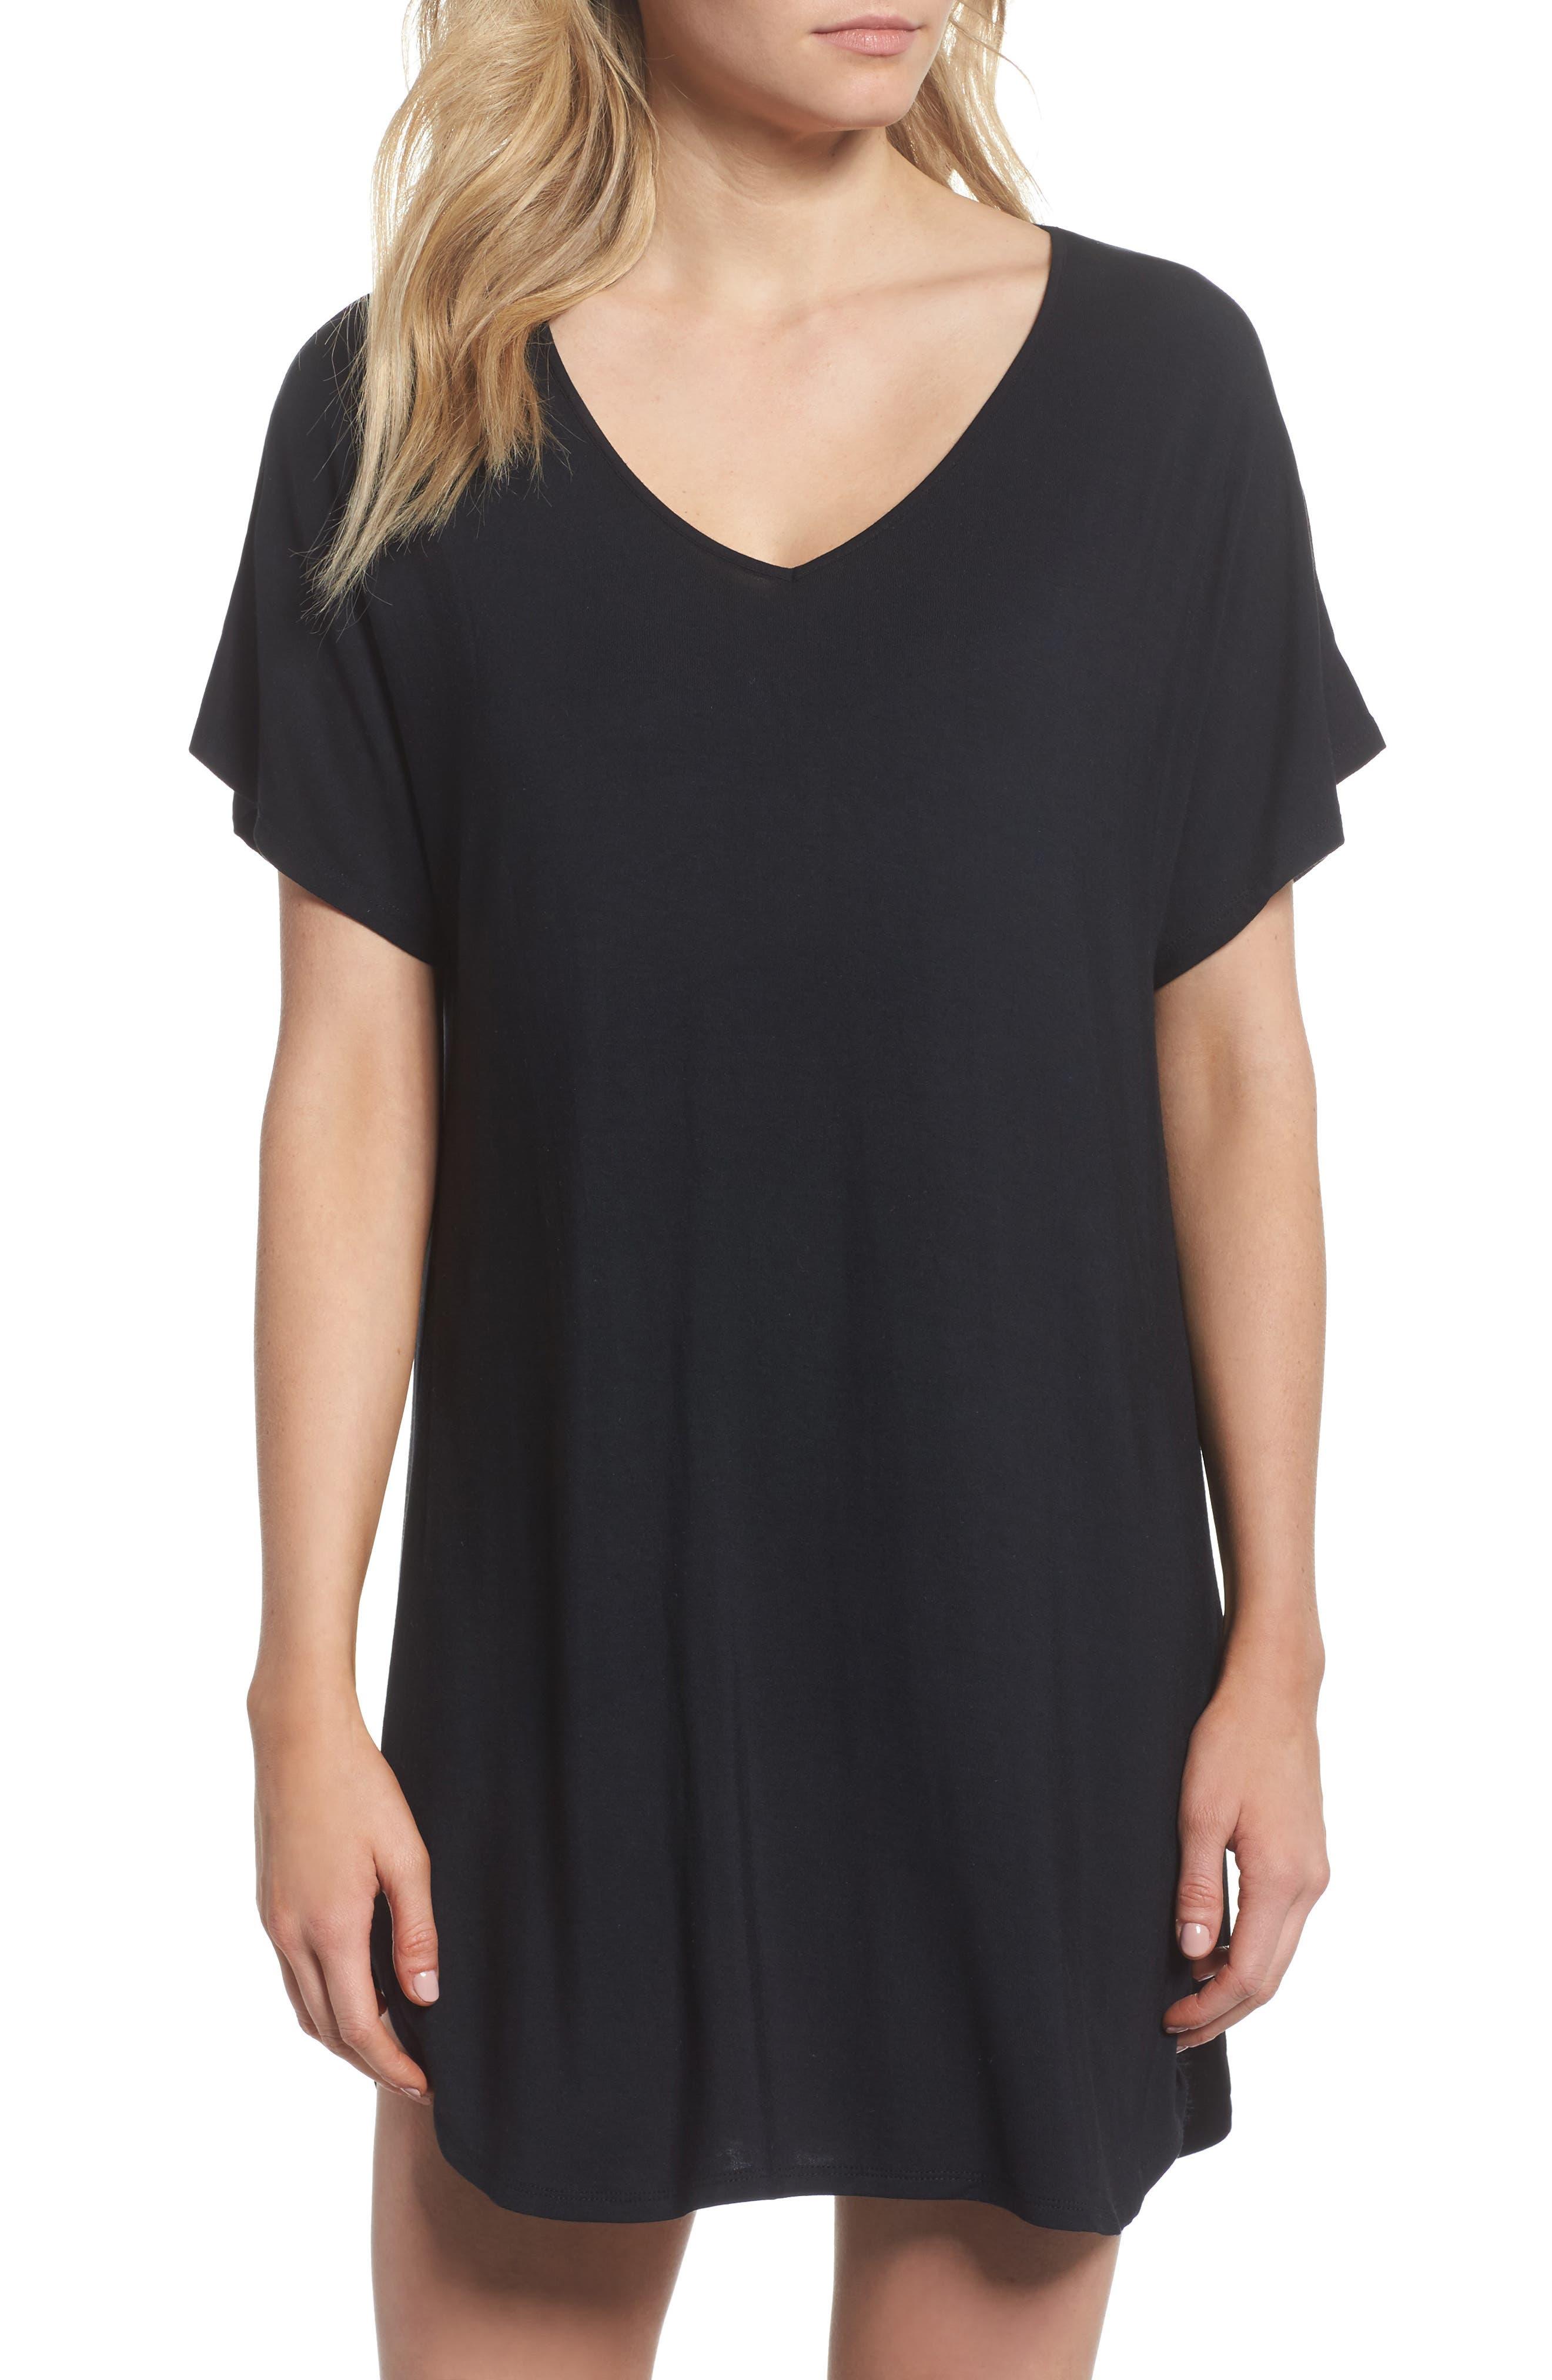 Nordstrom Lingerie Dolman Sleeve Nightshirt, Black